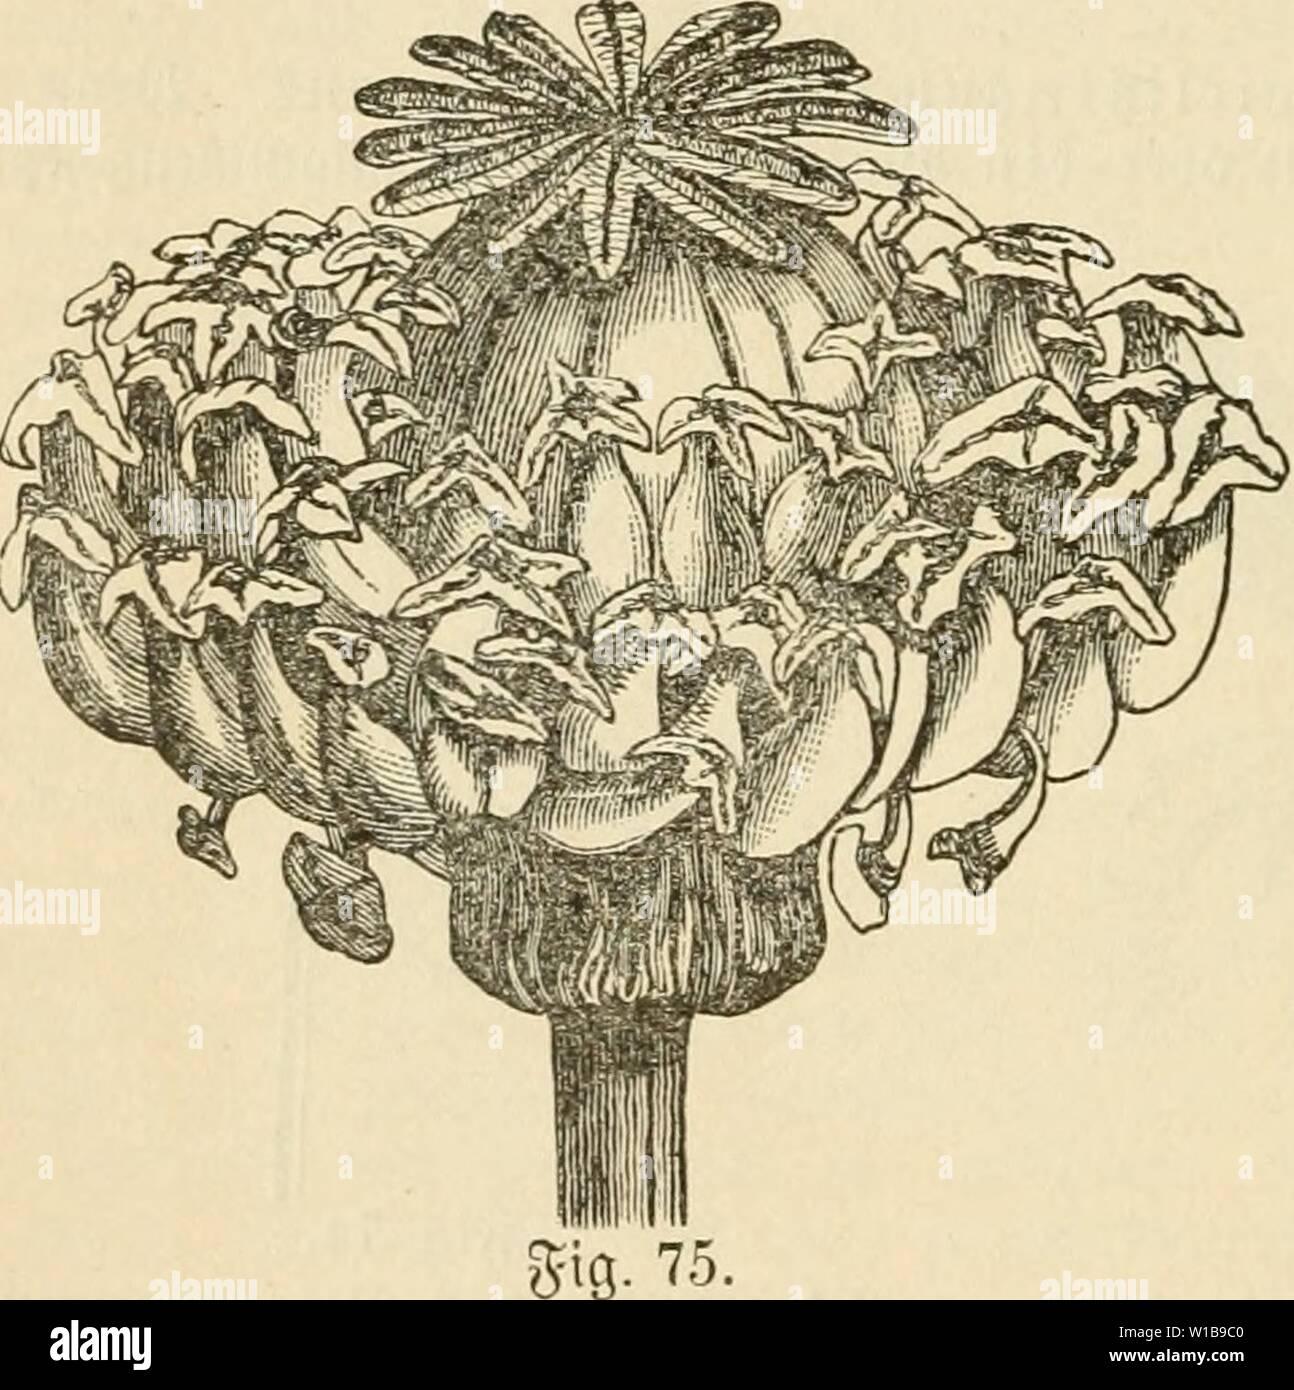 Archive image from page 343 of Die krankheiten der pflanzen, ein. Die krankheiten der pflanzen, ein handbuch fur land-und forstwirte, gartner, gartenfreunde und botaniker . diekrankheitende03fran Year: 1895  330 IL 2tbfd)uitt: ranfcilcii ol)iio nadmeiSbarc äußere Urfacl)en bcv vcprobuttinci Drgane l>l)i)nobie. anfd)aulid)t. SDenn bagegen Me Qaj btv lieber einc§ 35lattroirtel§ Der-- tiie()rt i[t, fo fprtd)t man non oh)pii)nie. Siefer gatl tritt bcfonberS t)äiifii3 in ber §onn ein, ba bei flaujen, bereu Slätter c3eiieiil'tänbig finb, ftatt ber 33Iattpaare breigliebvige Guirle erfd)eiiien, 5 - Stock Image